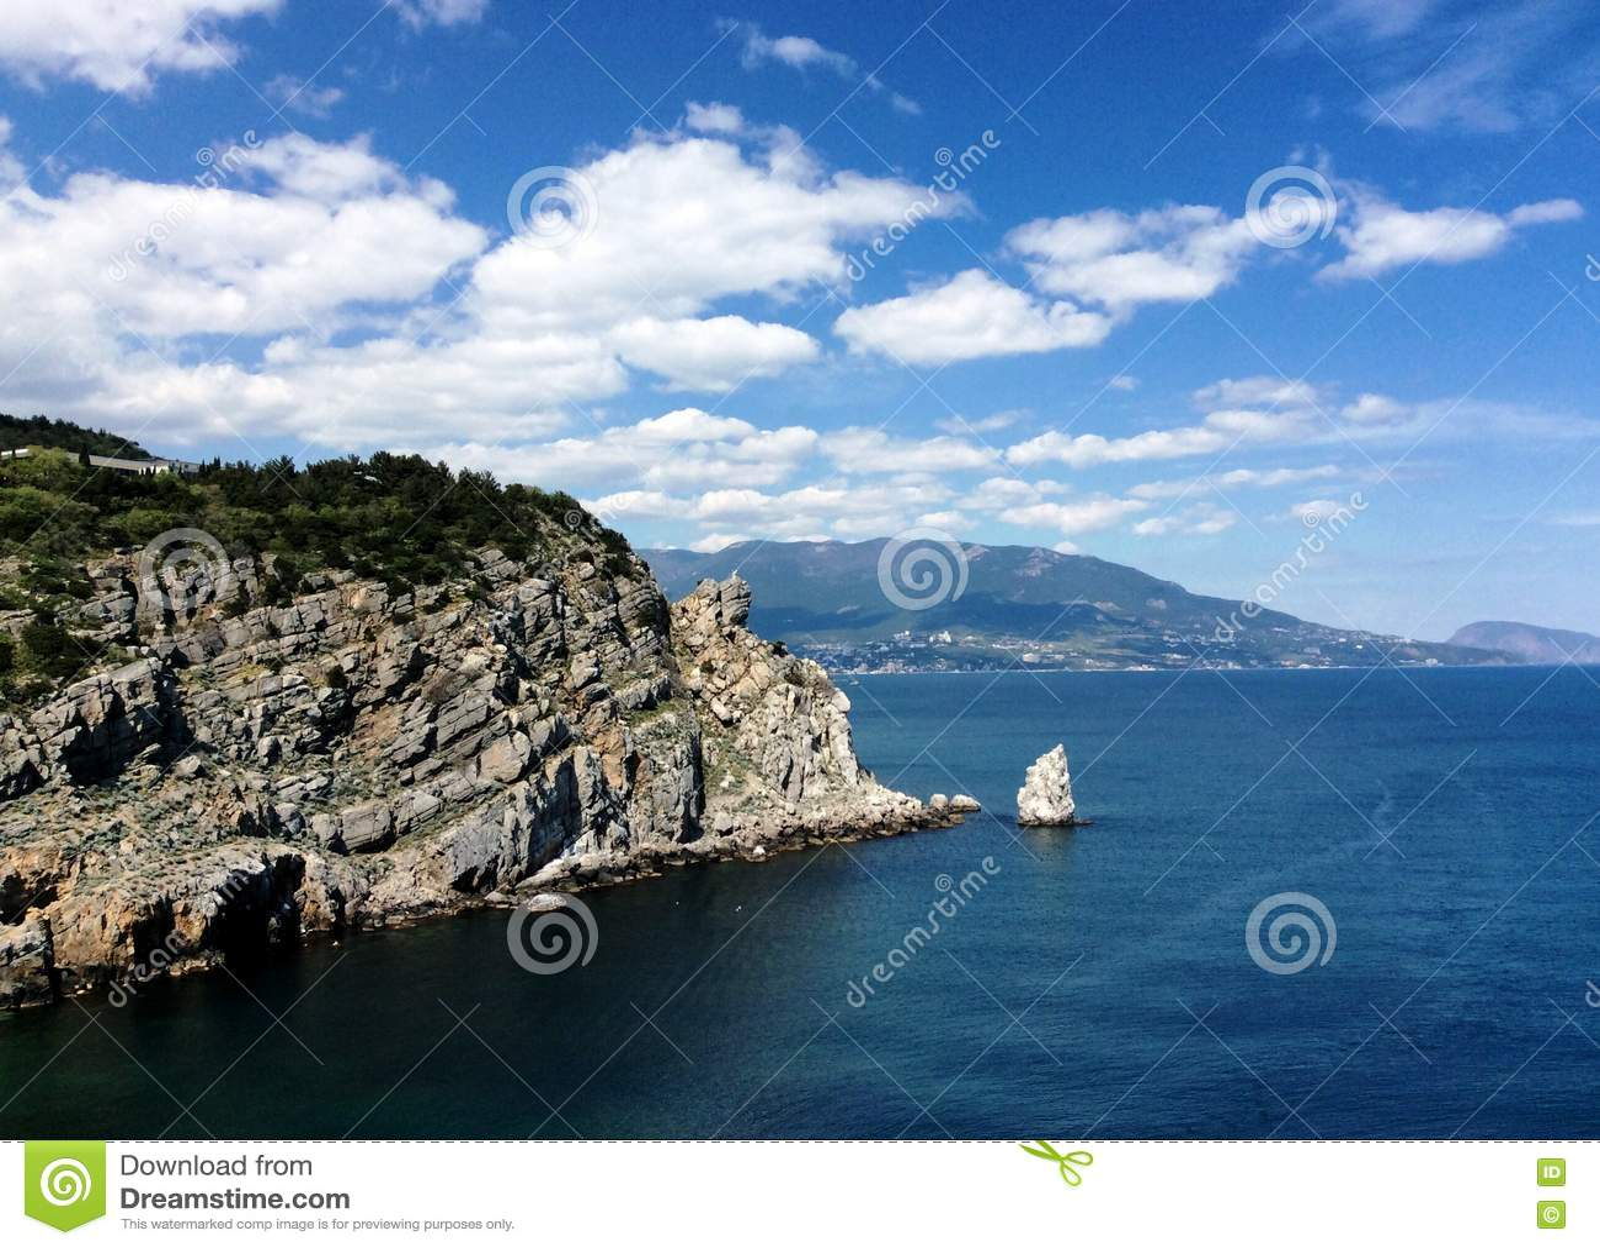 Jerarquía de los tragos en el Yalta